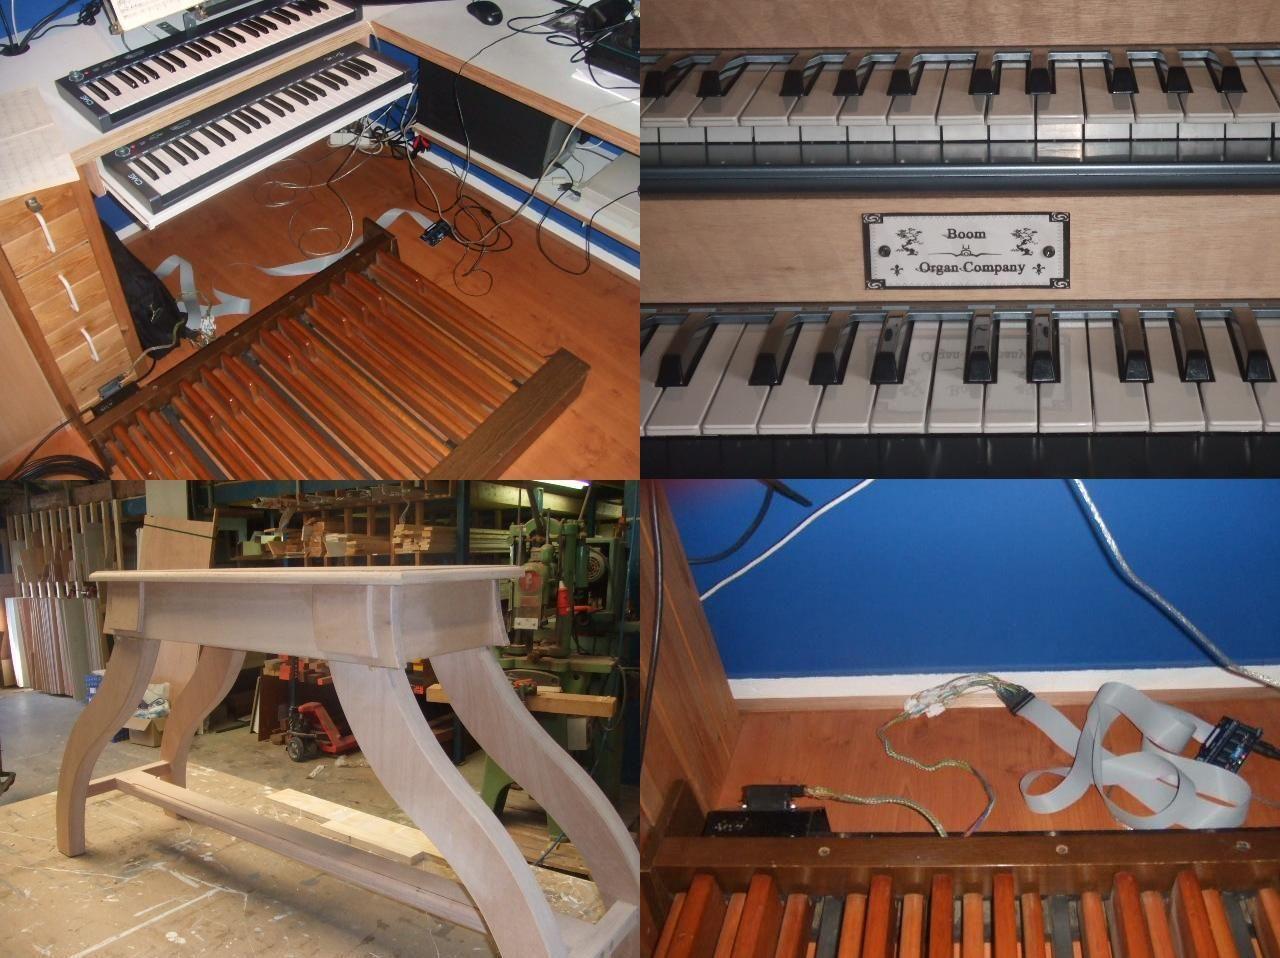 PC organ Hauptwerk virtual software organ on computer via